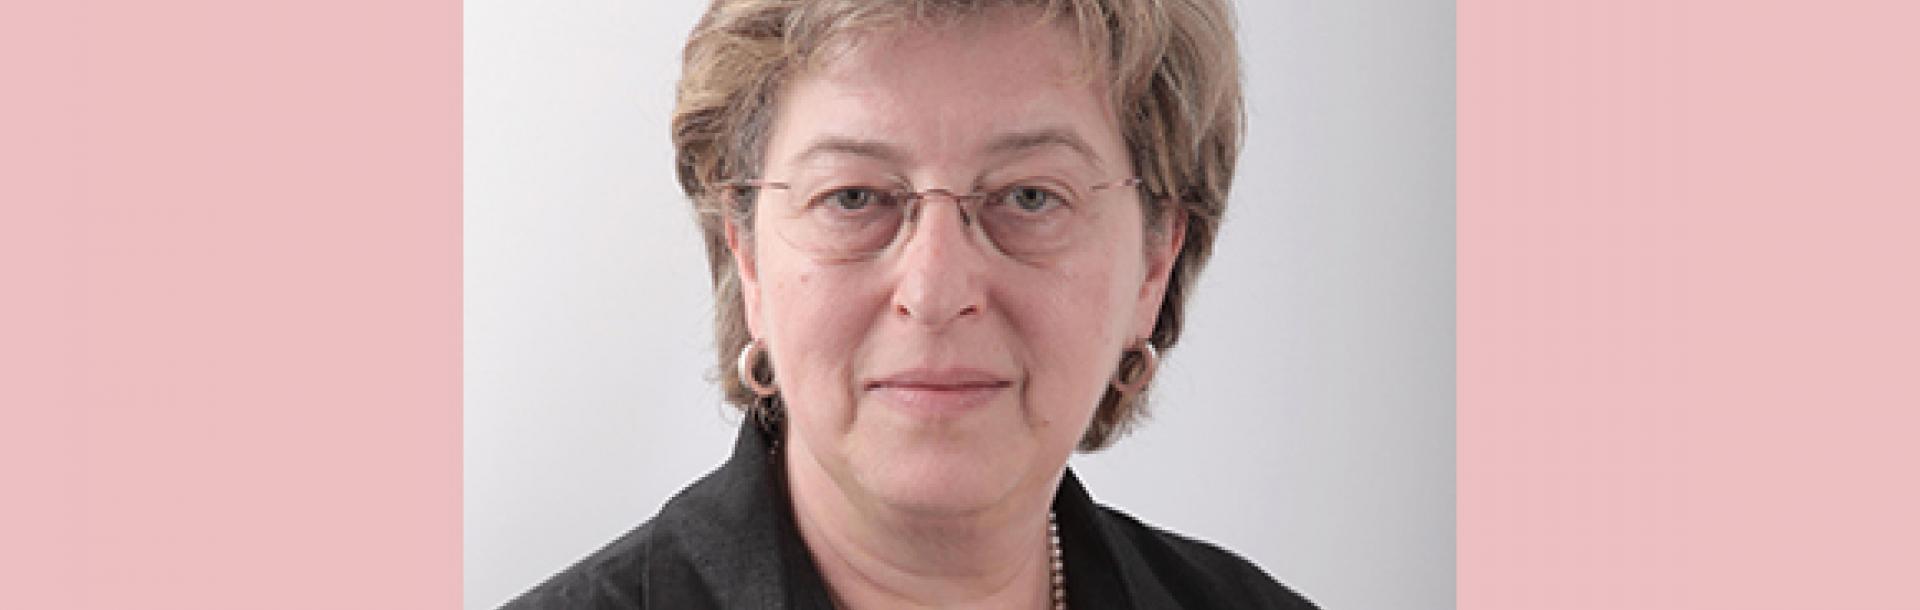 ברכות לפרופ' הלינה אברמוביץ שנבחרה כעמיתה באגודה הישראלית לפיזיקה